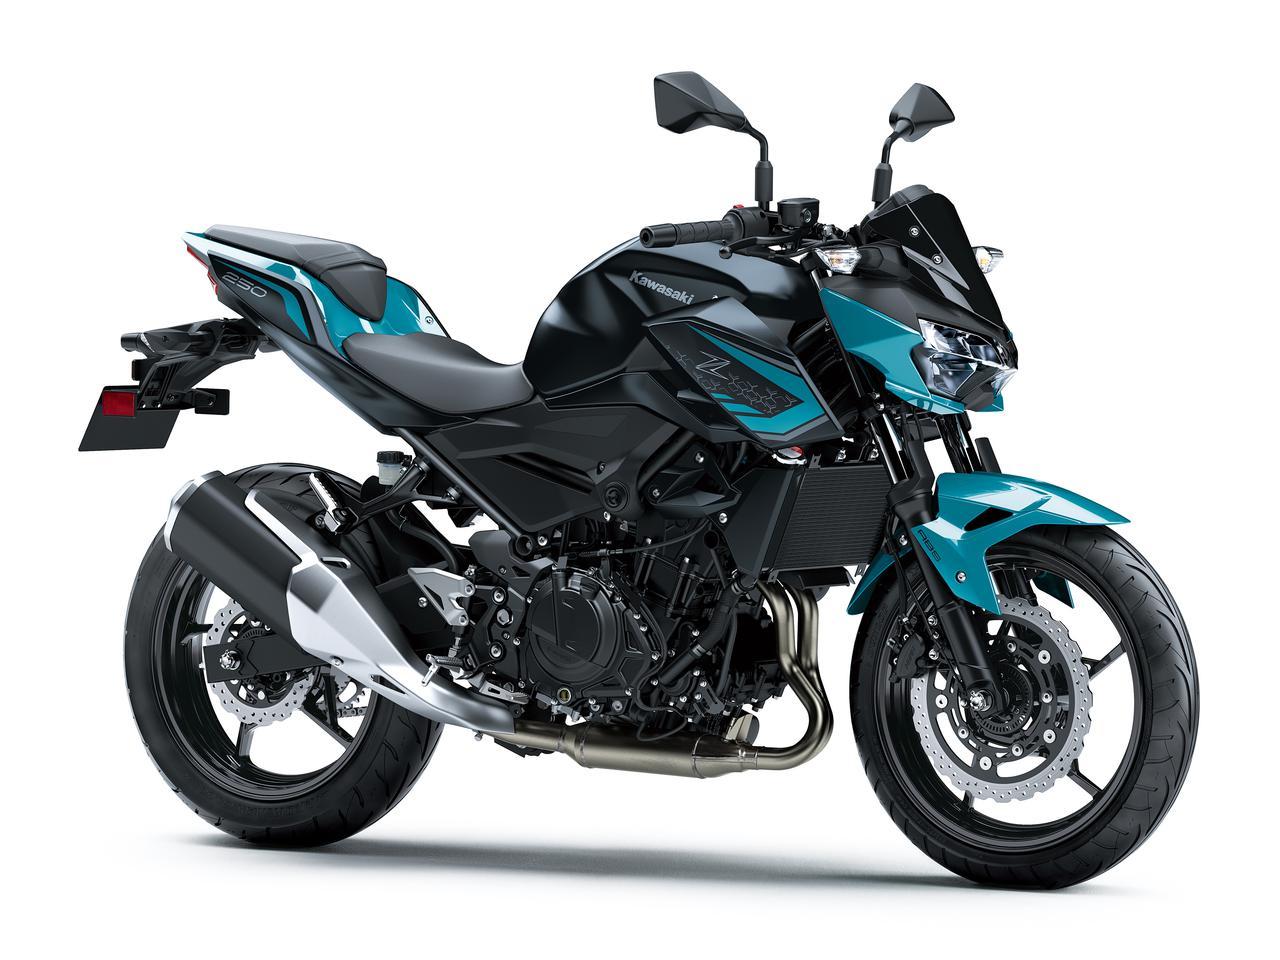 画像14: カワサキが「Z250」の2021年モデルを発売! 2020年モデルと比較してみよう【2021速報】